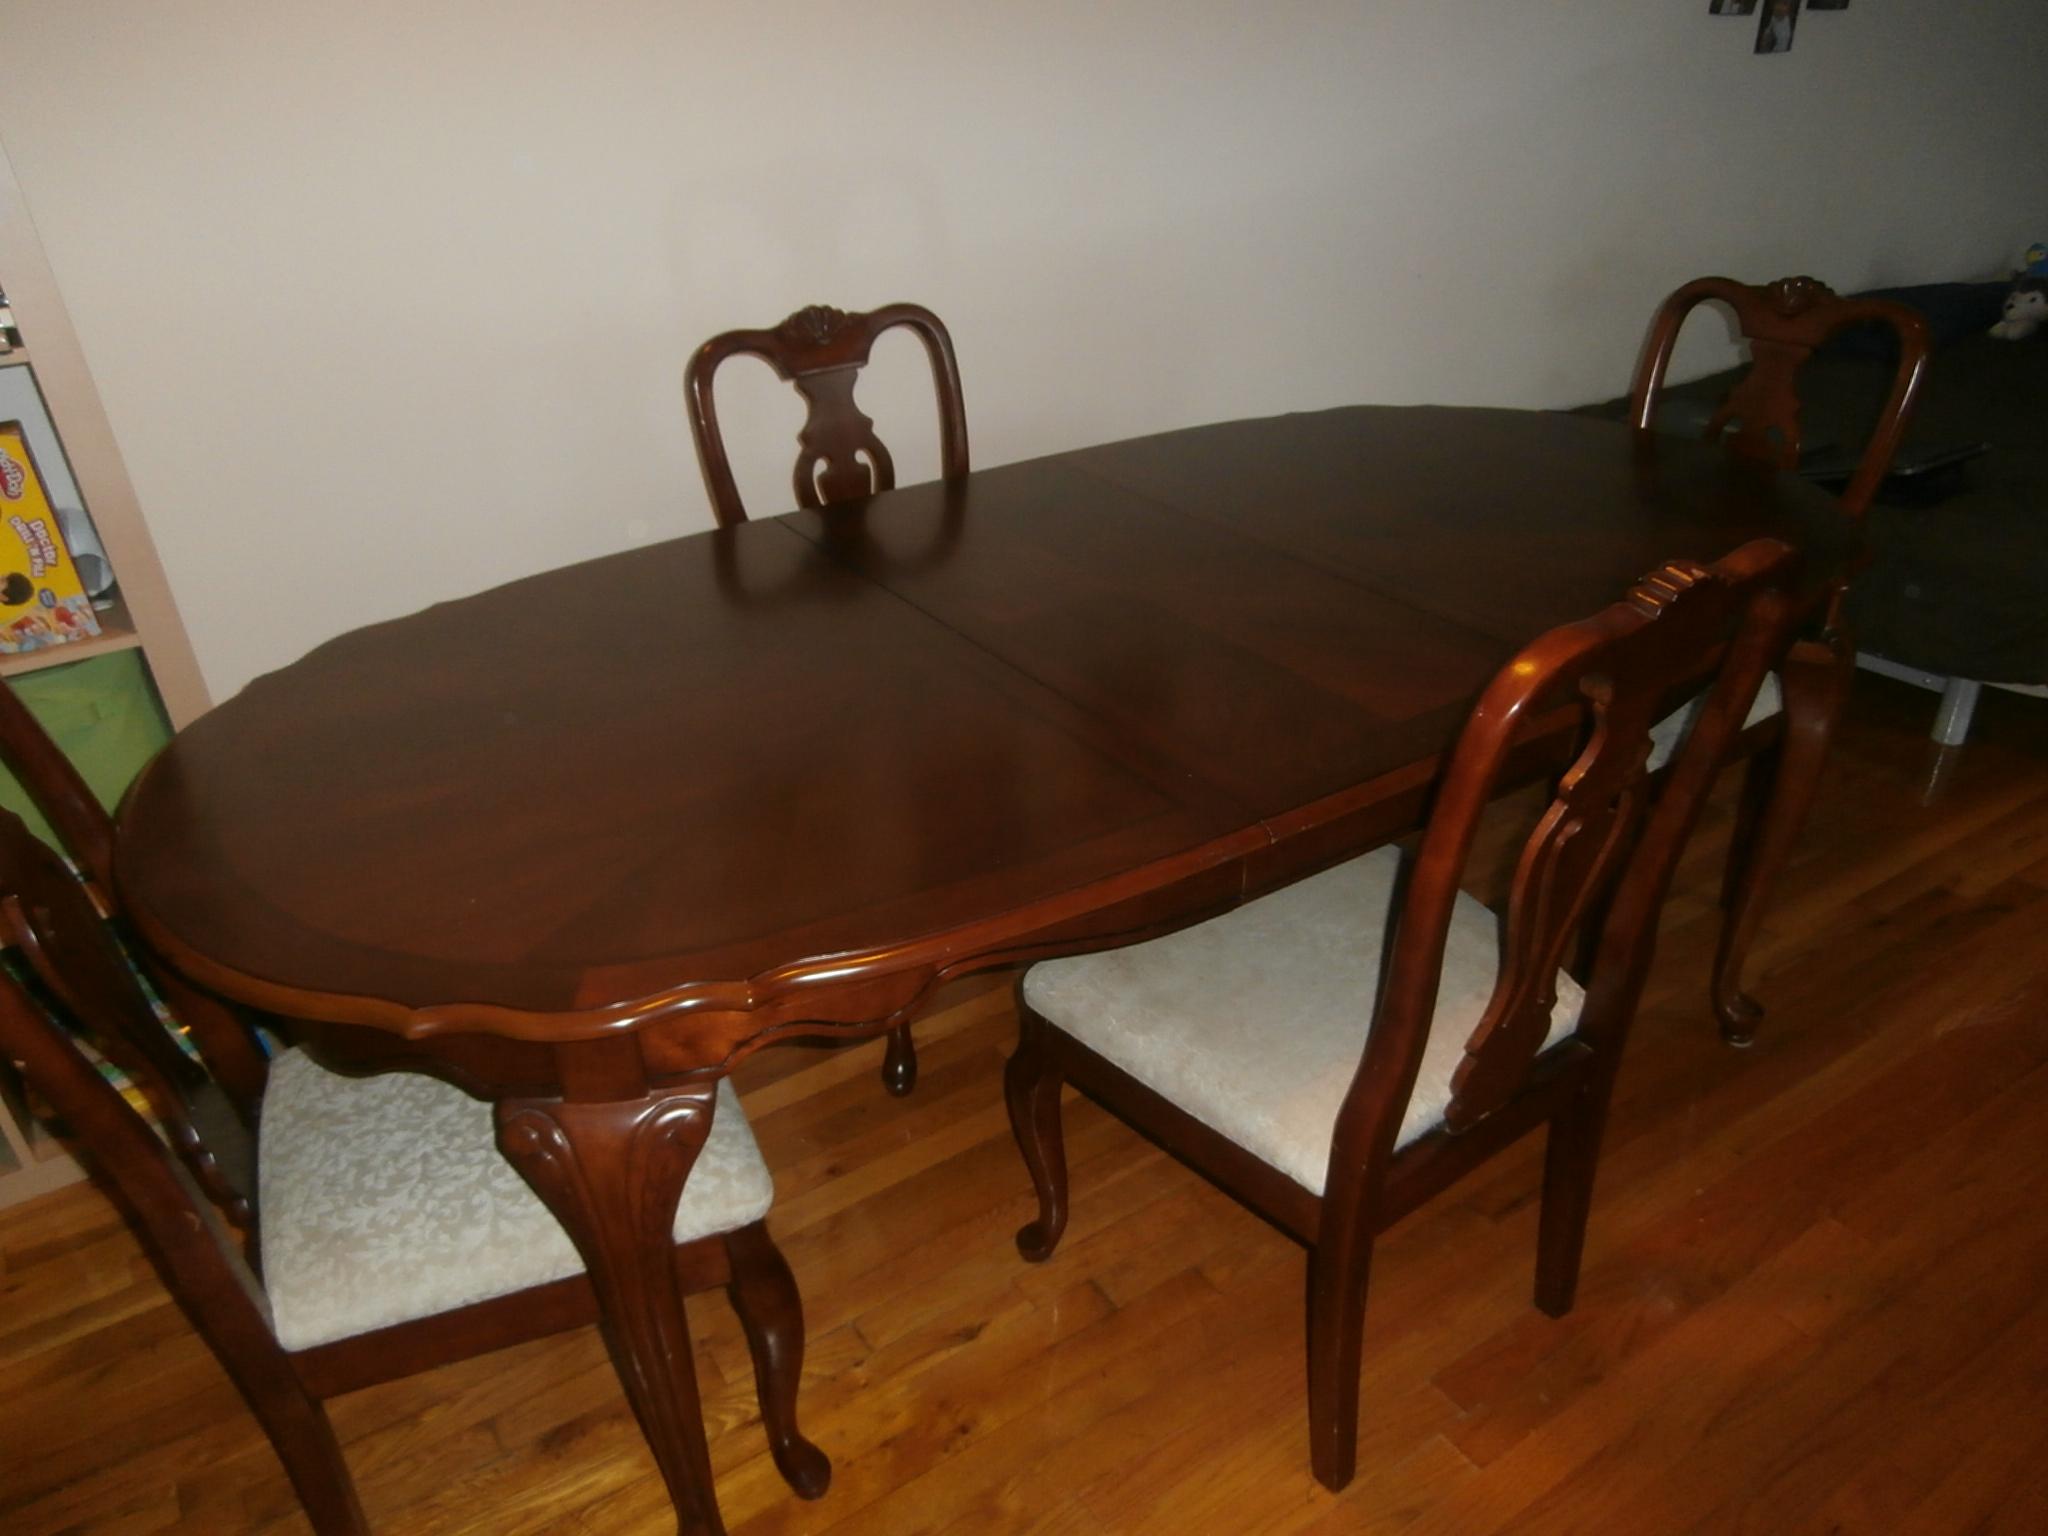 Ogłoszenie darmowe. Lokalizacja:  Hillsborough, NJ. ARCHIWALNE - Wszystkie. Sprzedam drewniany stol z 4.